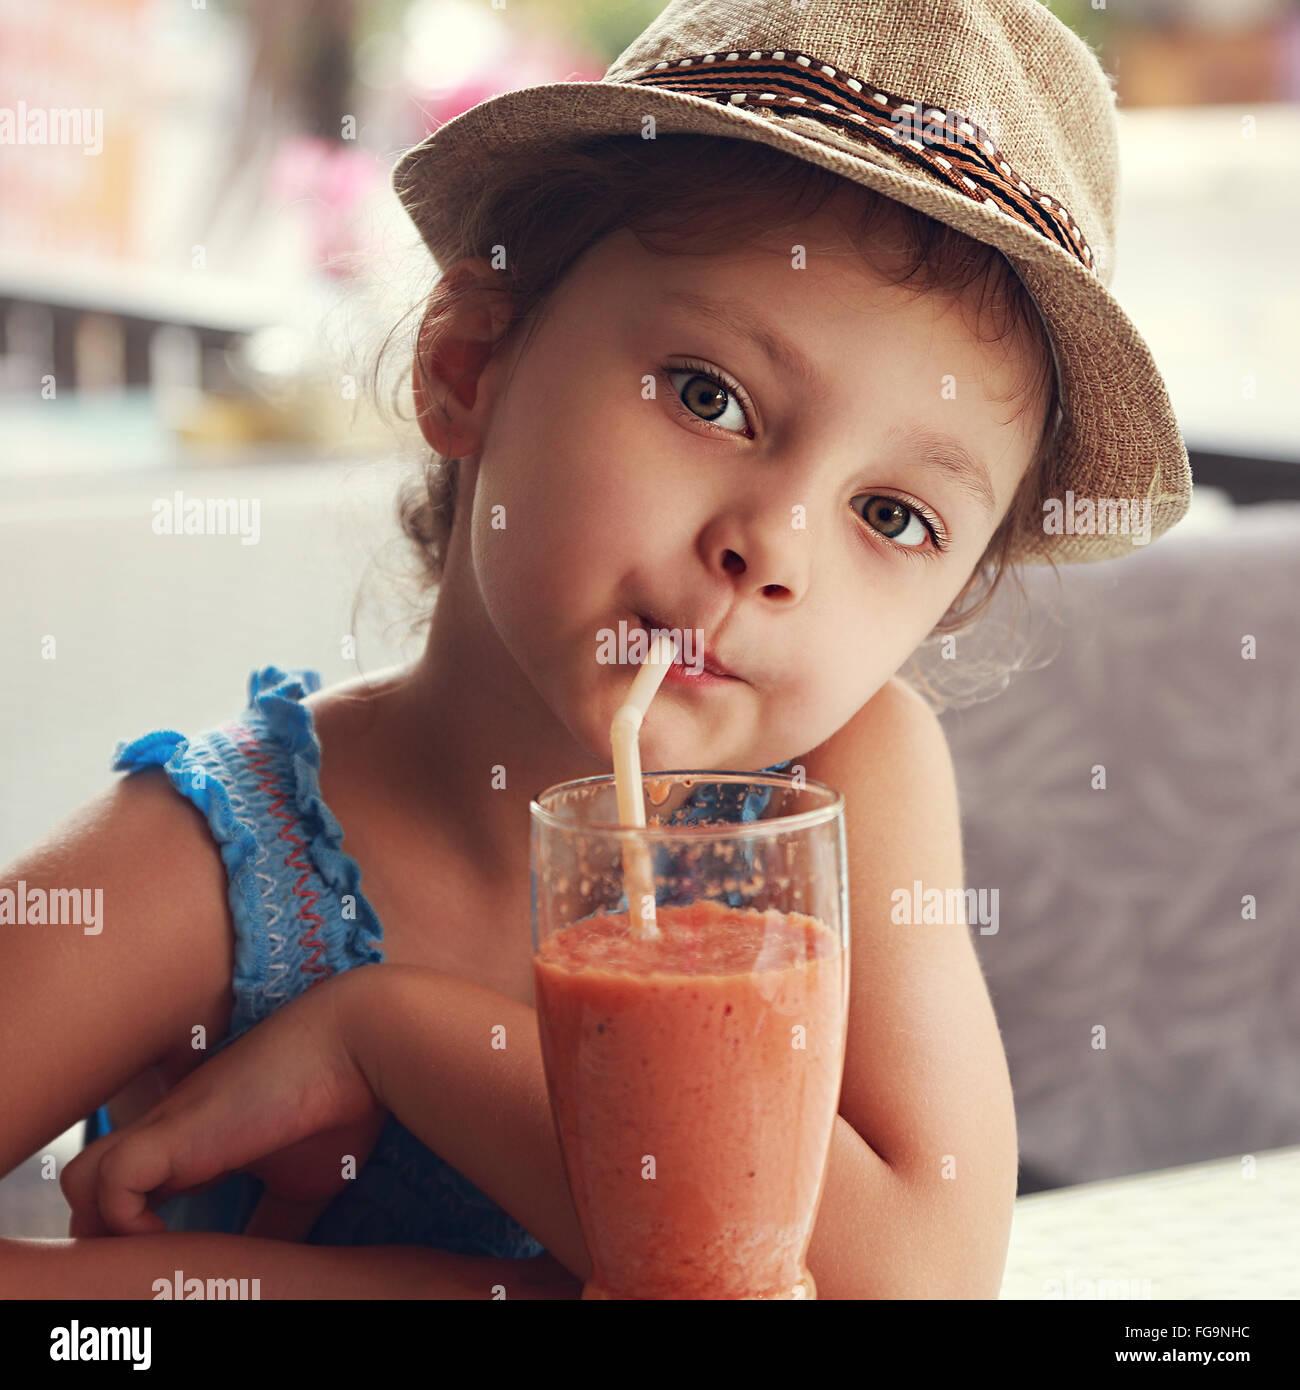 Divertimento carino kid ragazza bere il frullato sano succo in street restaurant. Closeup tonica ritratto Immagini Stock